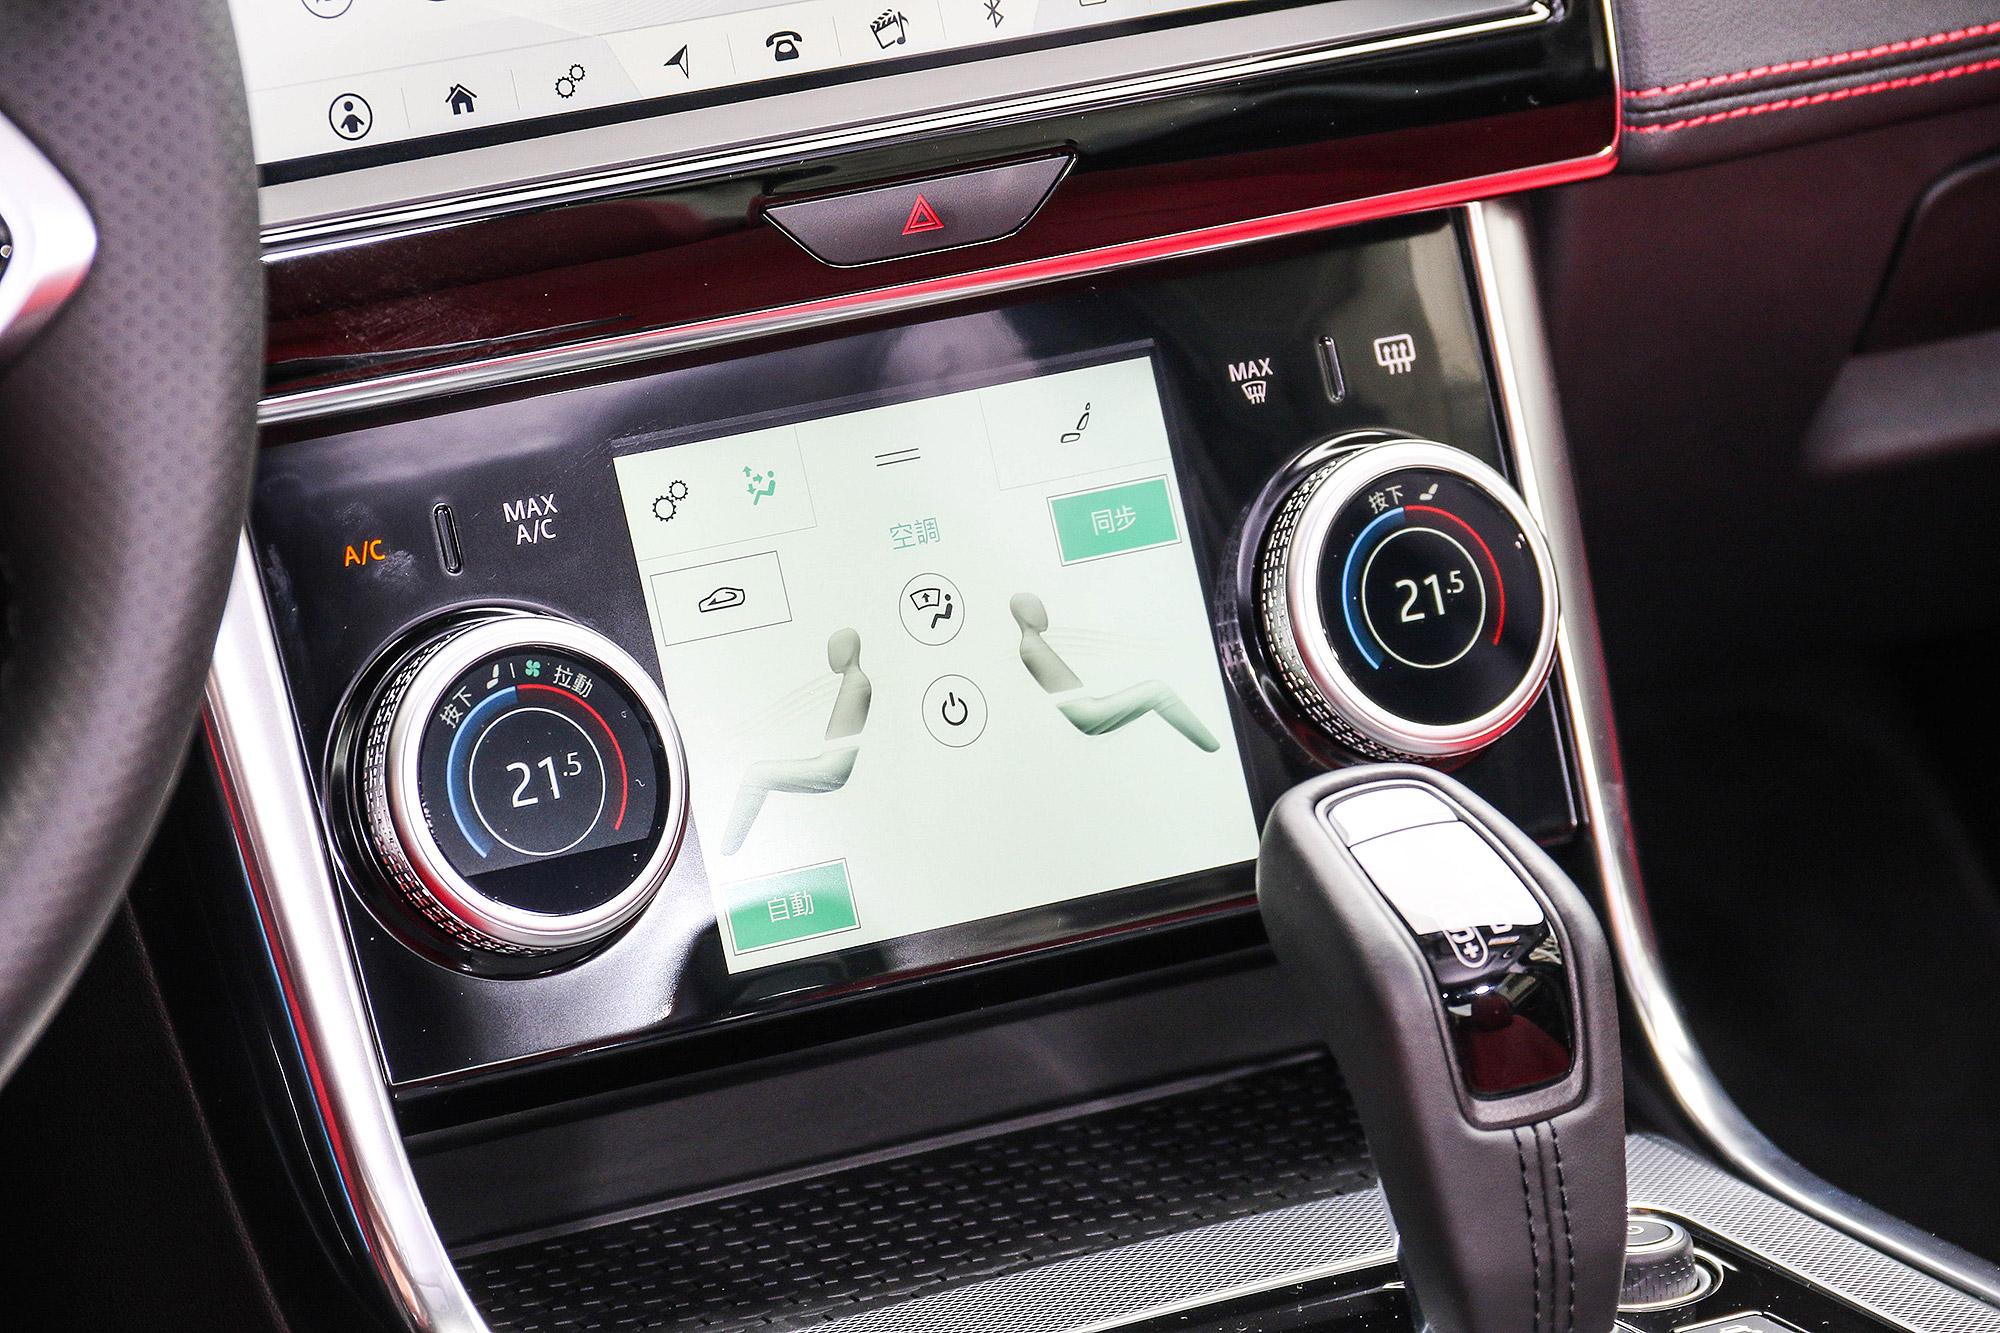 5 吋空調與多媒體系統控制螢幕。